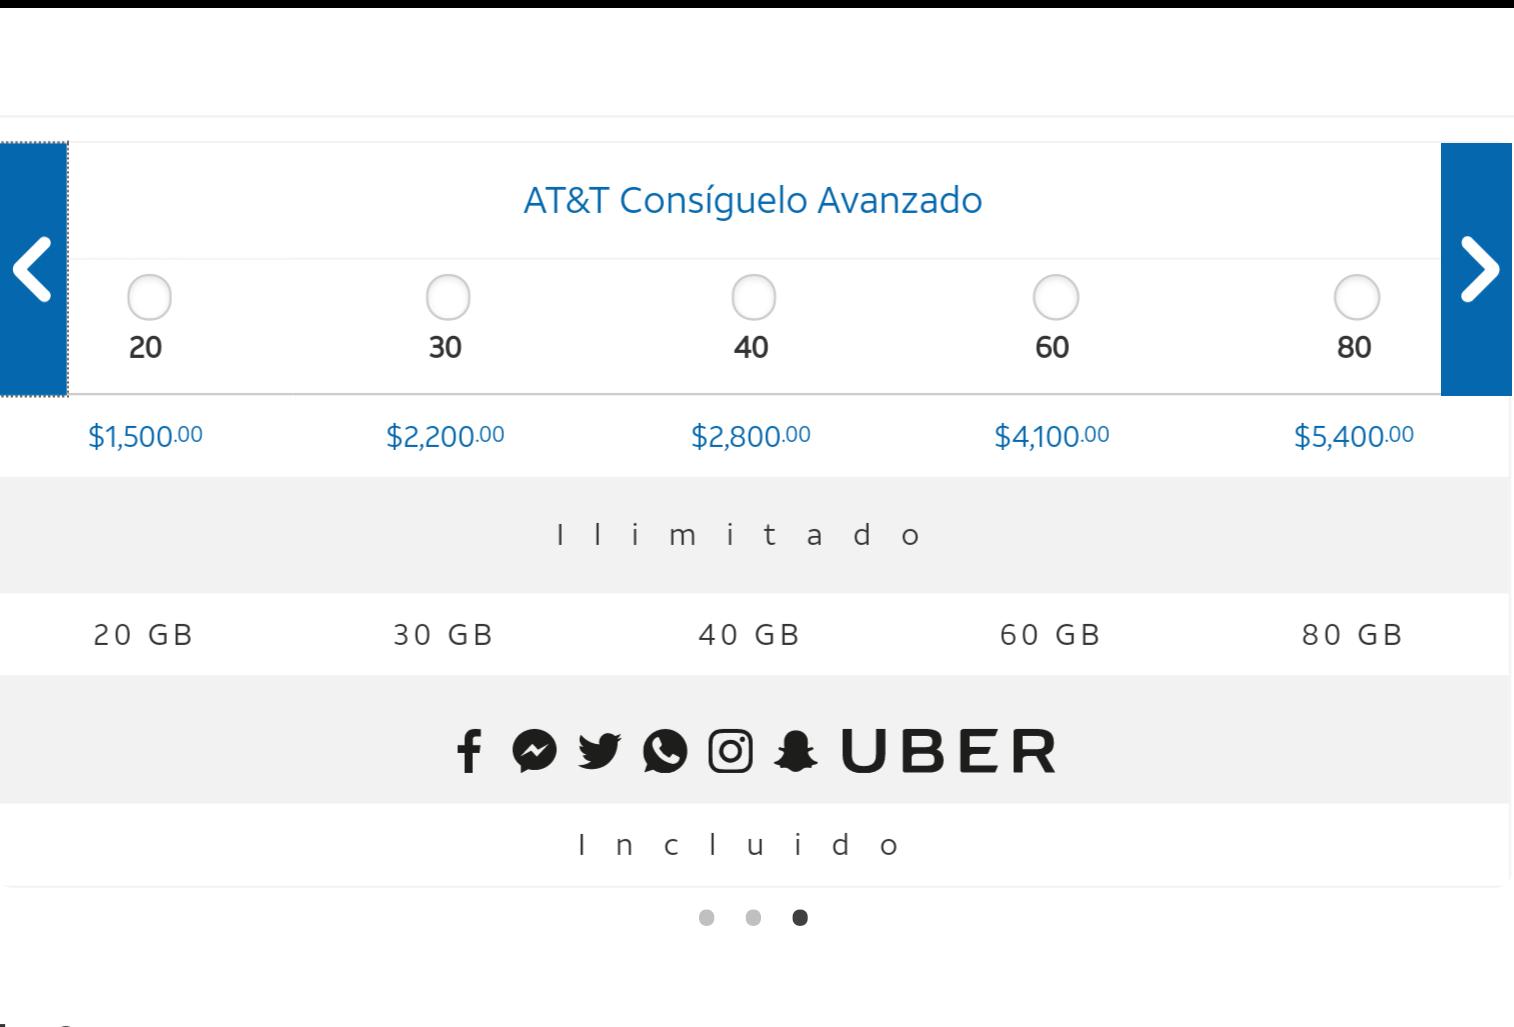 AT&T: Plan con 20GB y Redes Sociales Ilimitadas